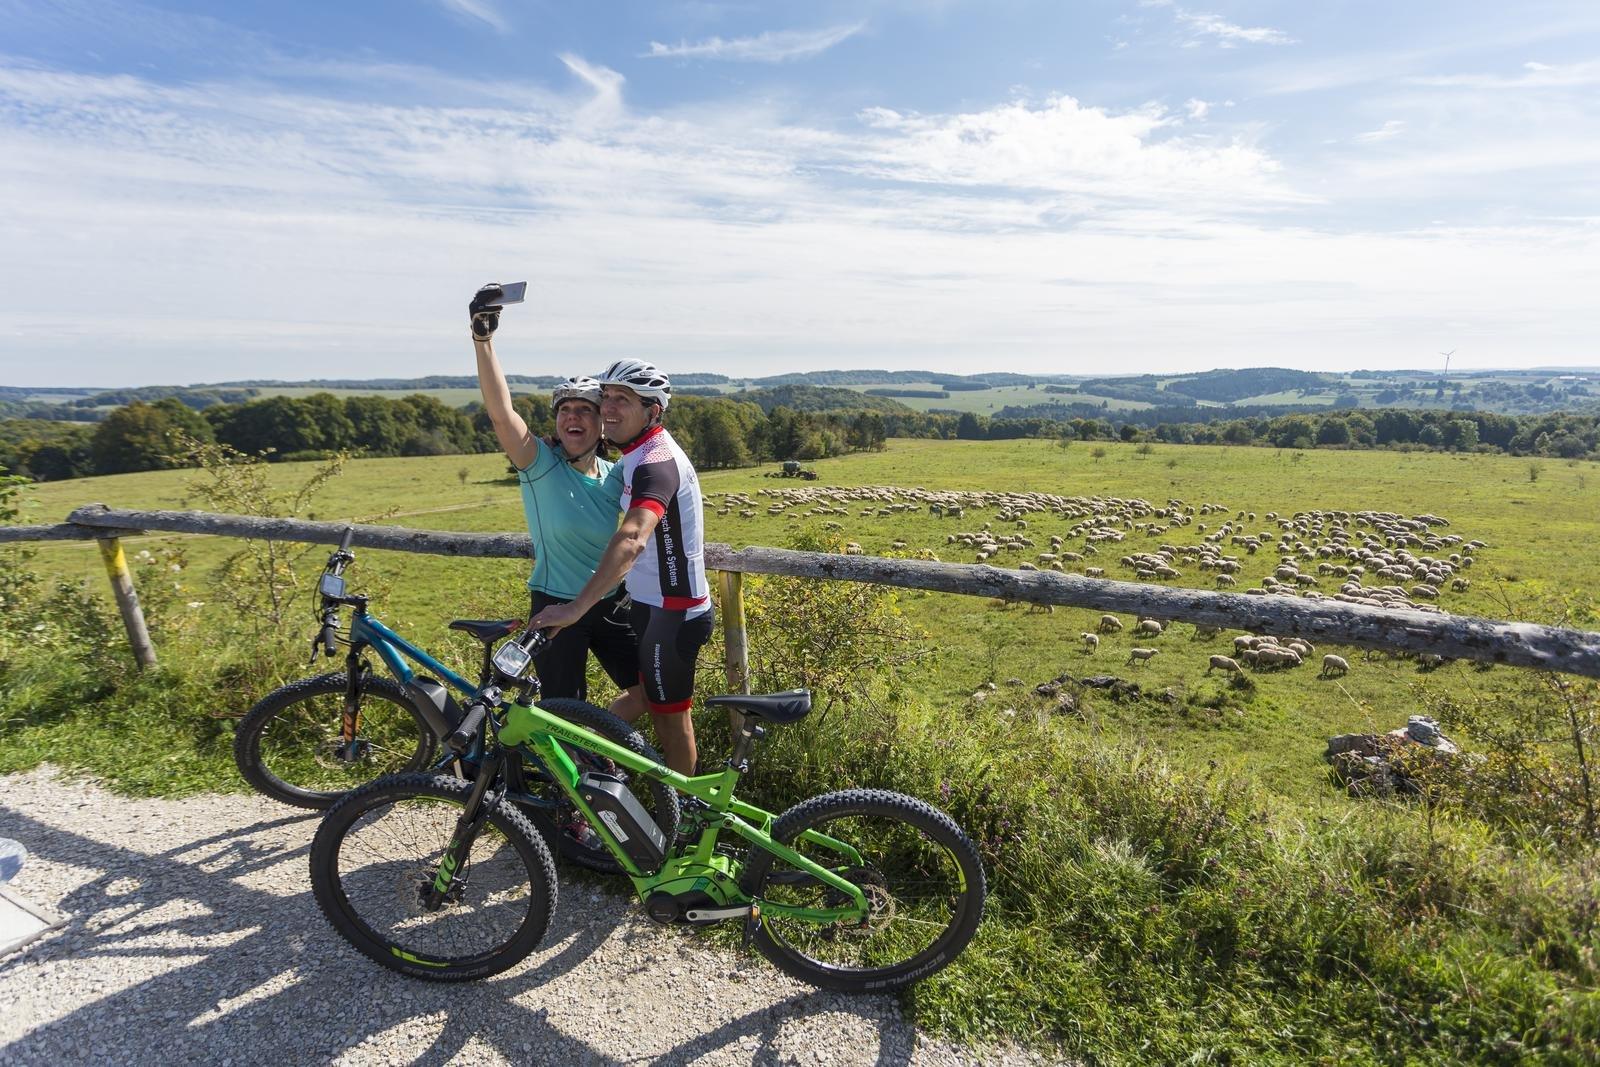 Zwei Radfahrer*innen stehen mit dem Rücken zu einer Schafherde und machen mit dem Handy ein Selfie. Der Ausblick reicht über die weite Albhochfläche.